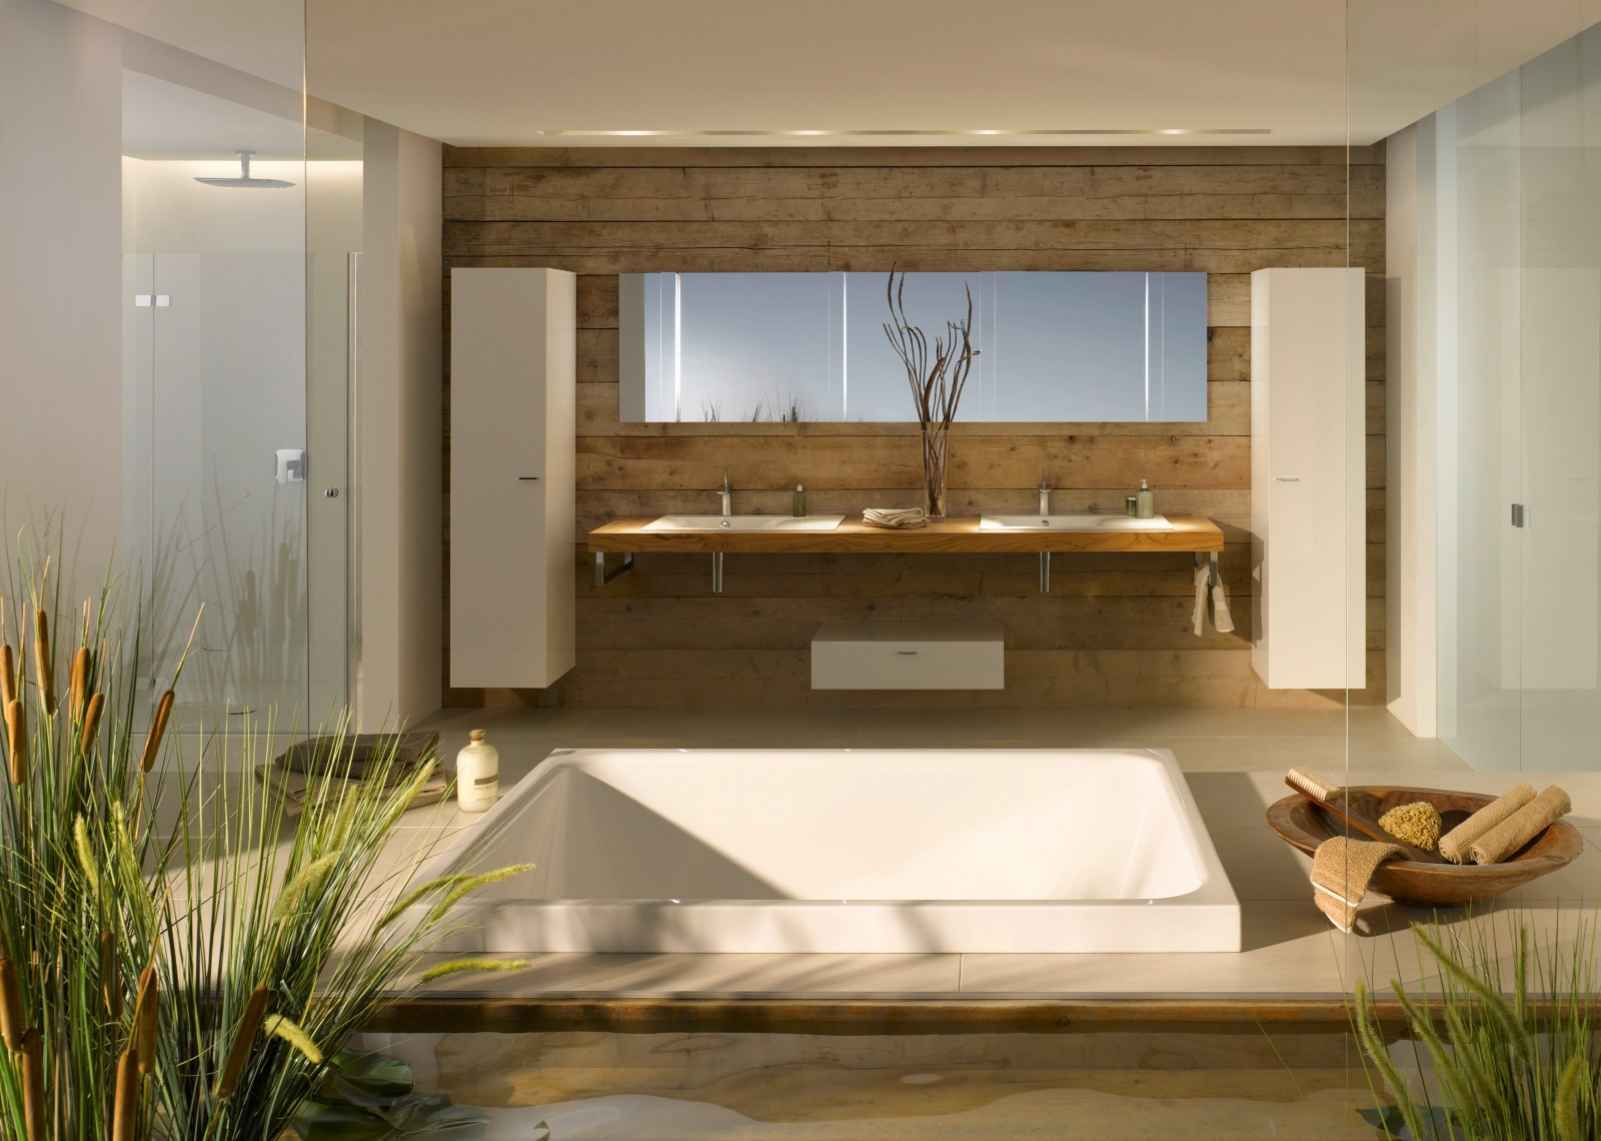 Bad ideen halbbäder recht badewanne bette spa im bad aus holz gestalten  bad ideen